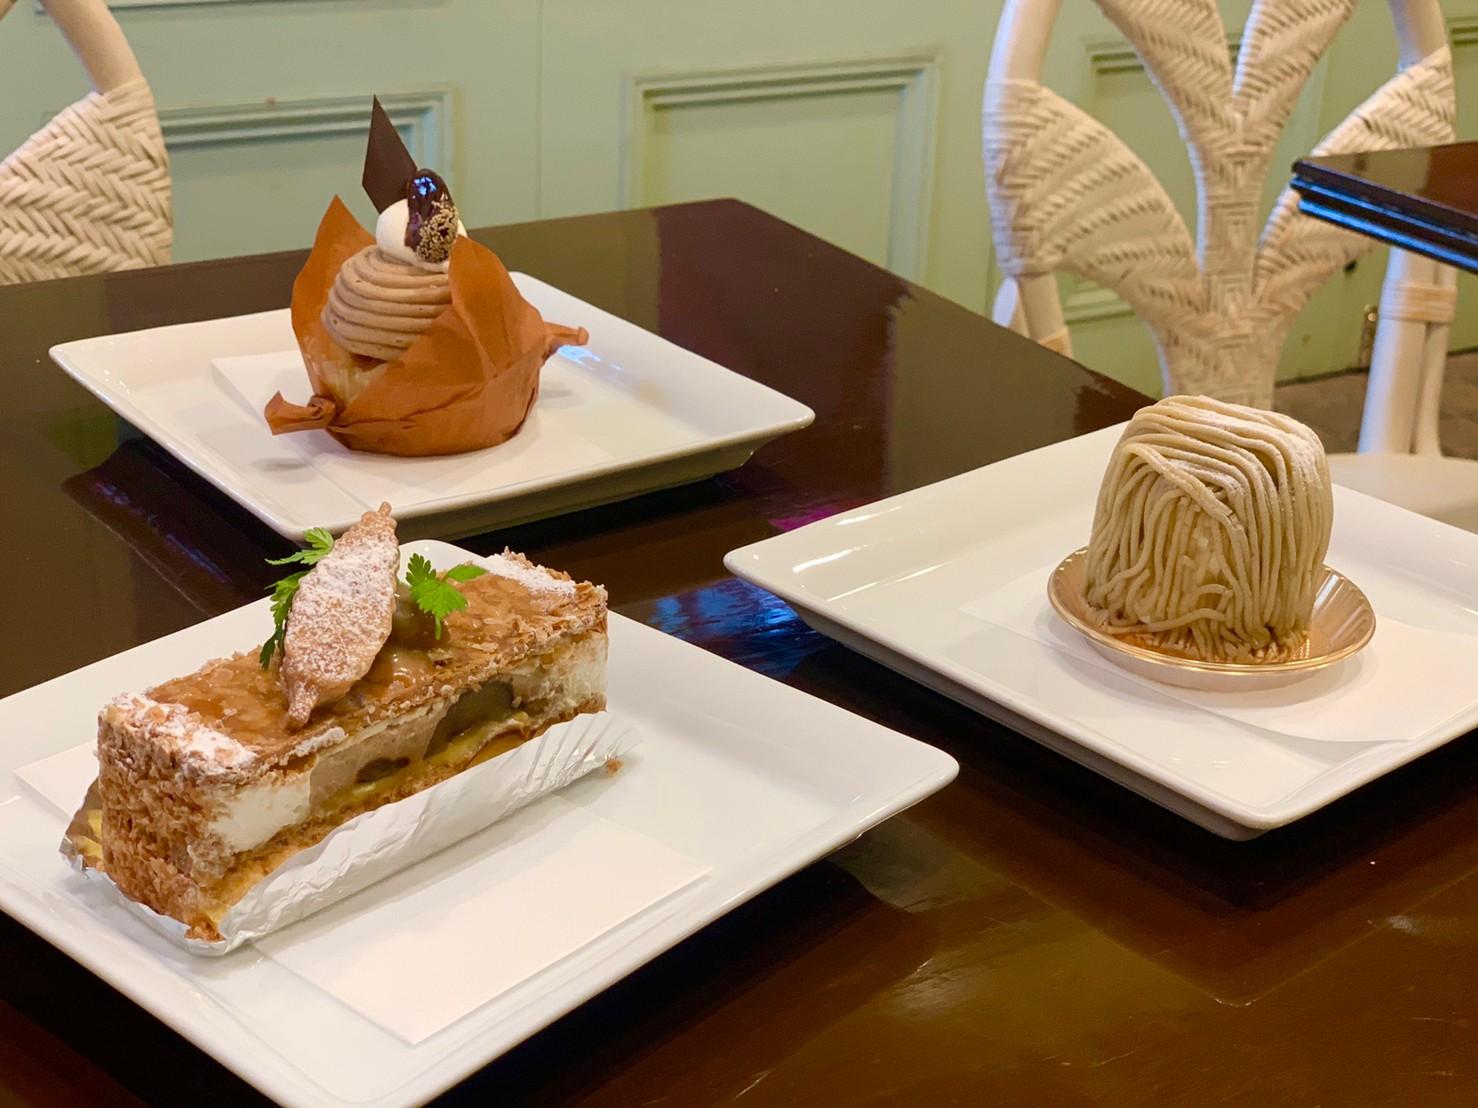 上小田井|人気No. 1はさくさくモンブラン!多彩な旬の洋菓子がいただける本格フランス菓子専門店